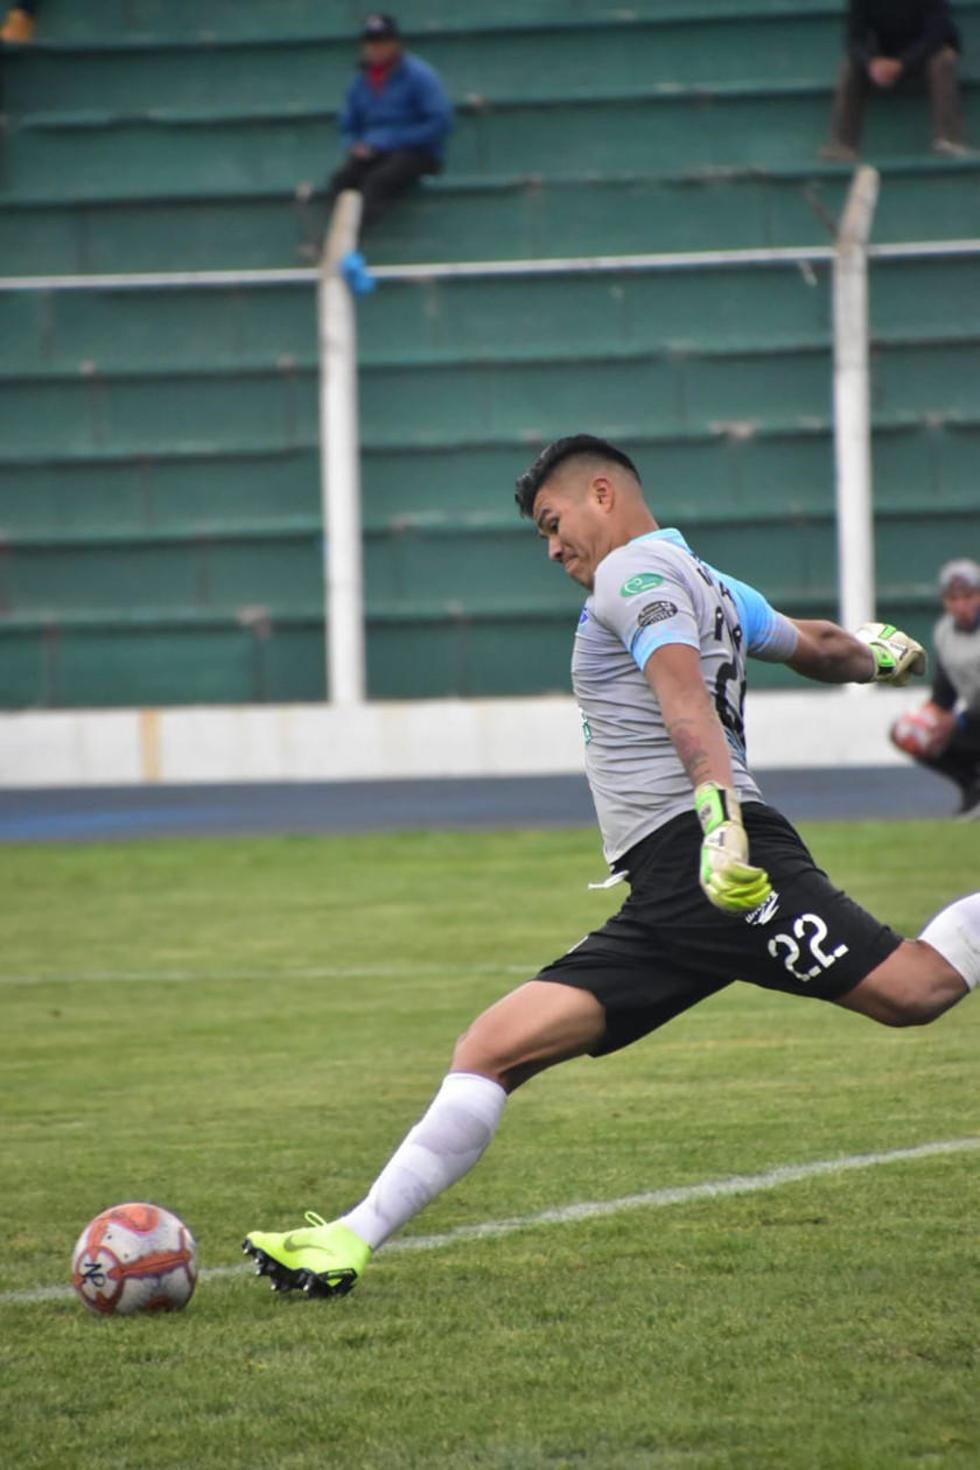 El portero Javier Rojas, de Nacional, remata el balón.